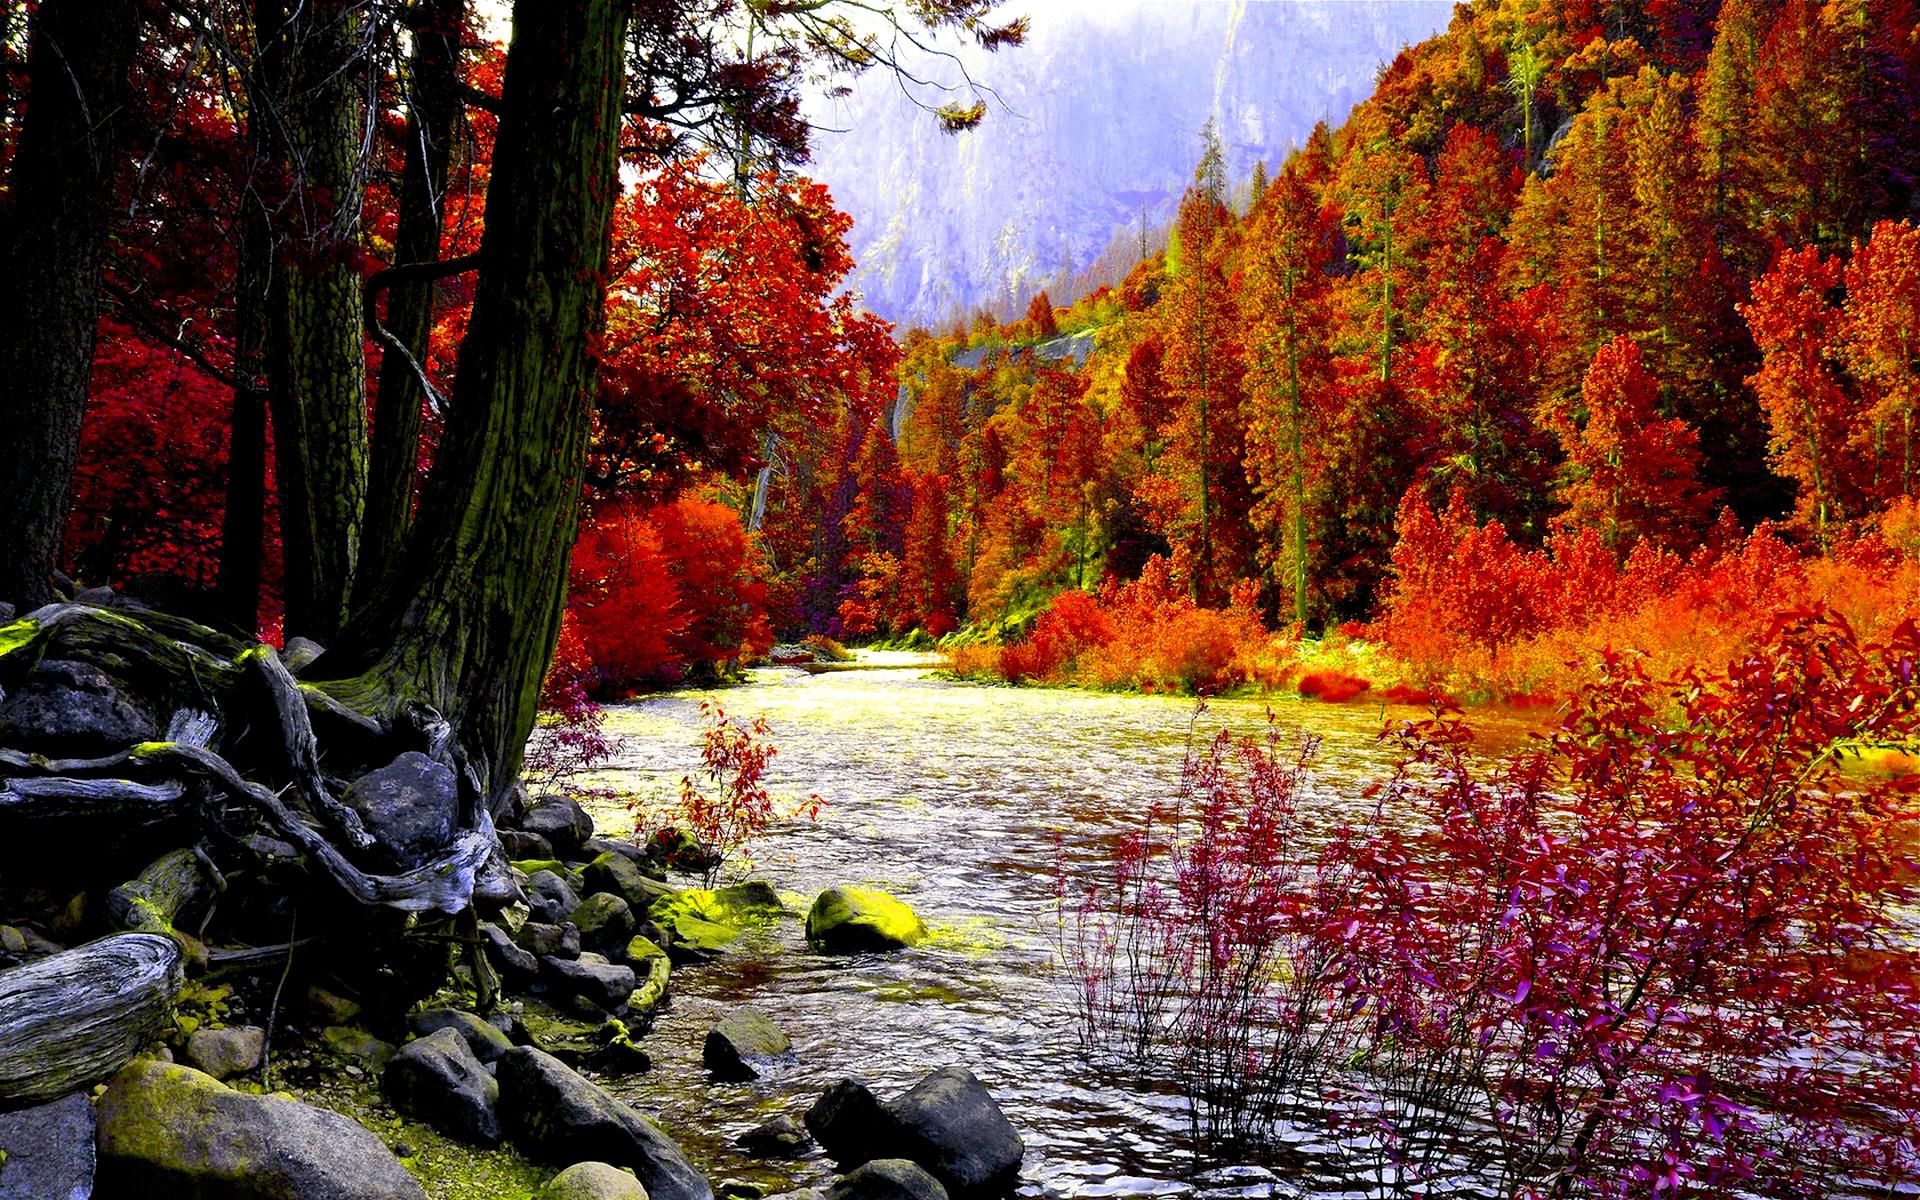 Pixel Forest Wallpaper Cute Autumn River Hd Wallpaper Pixelstalk Net